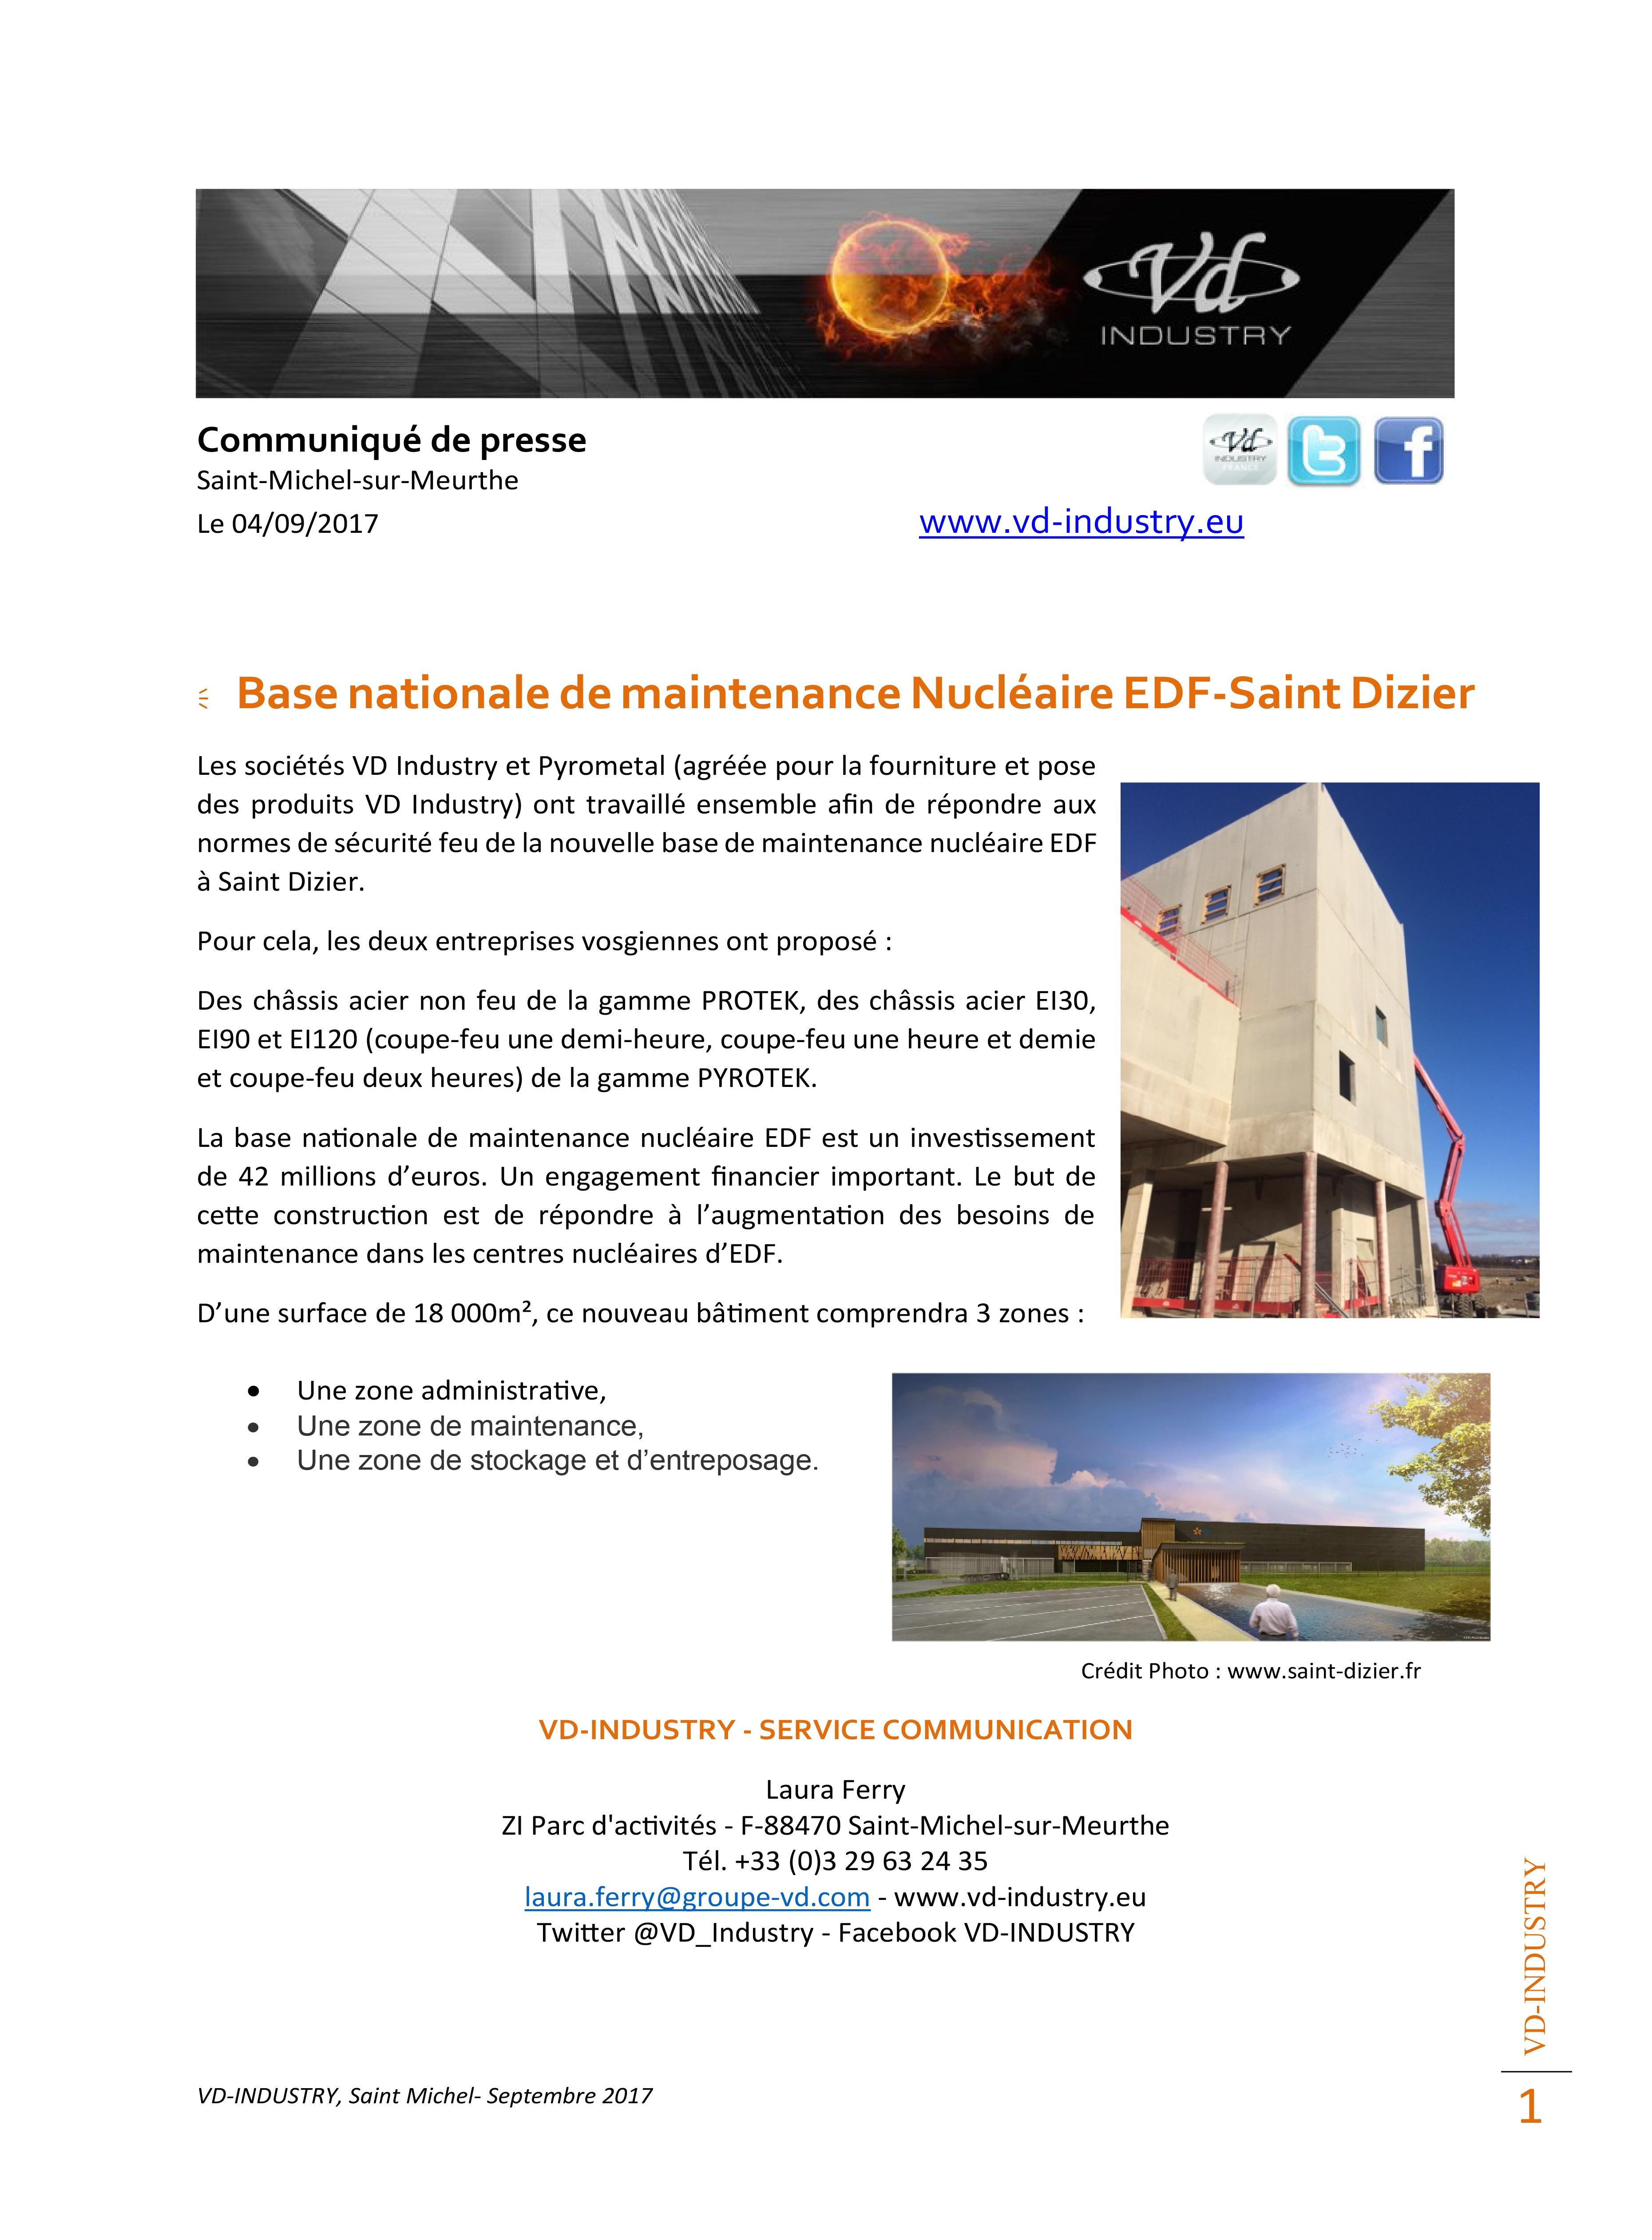 CP base nationale de maintenance EDF